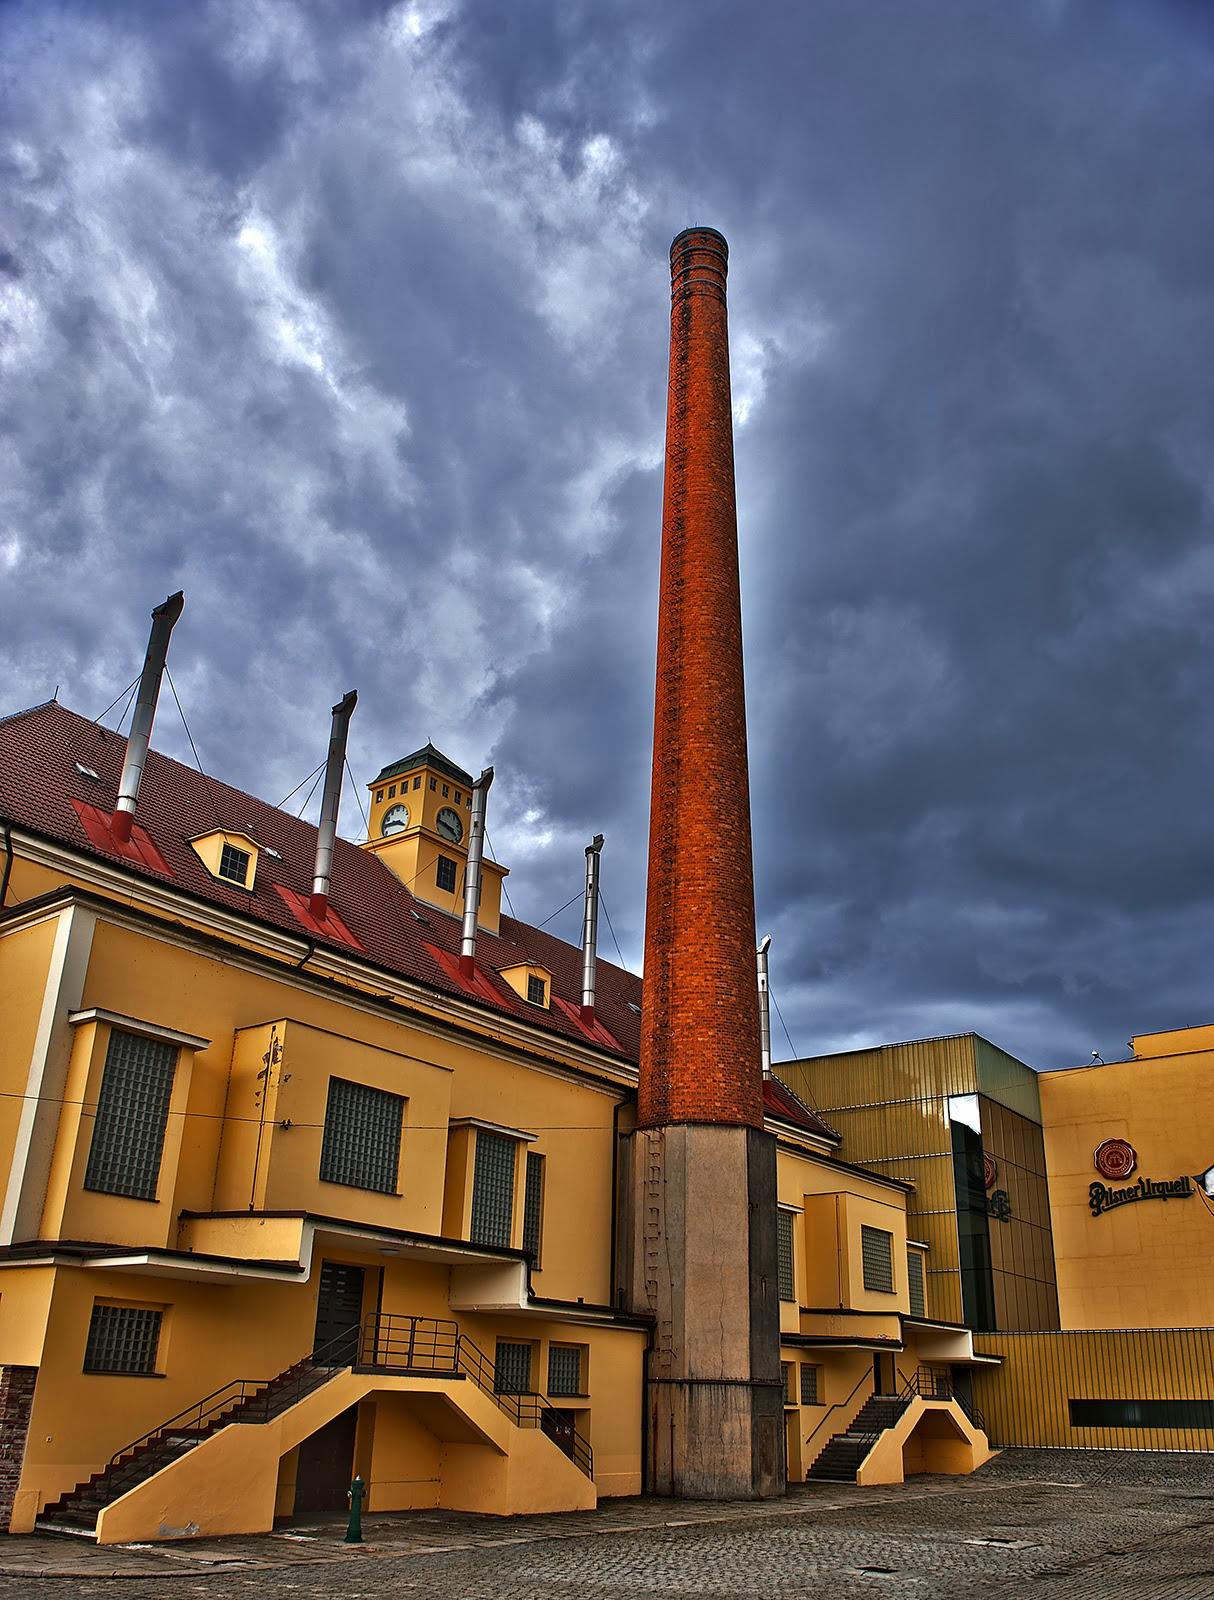 Plzen Czech Republic, Plzen, Pilsen, Czech Republic, Pilsner Urquell, Pilsner Beer